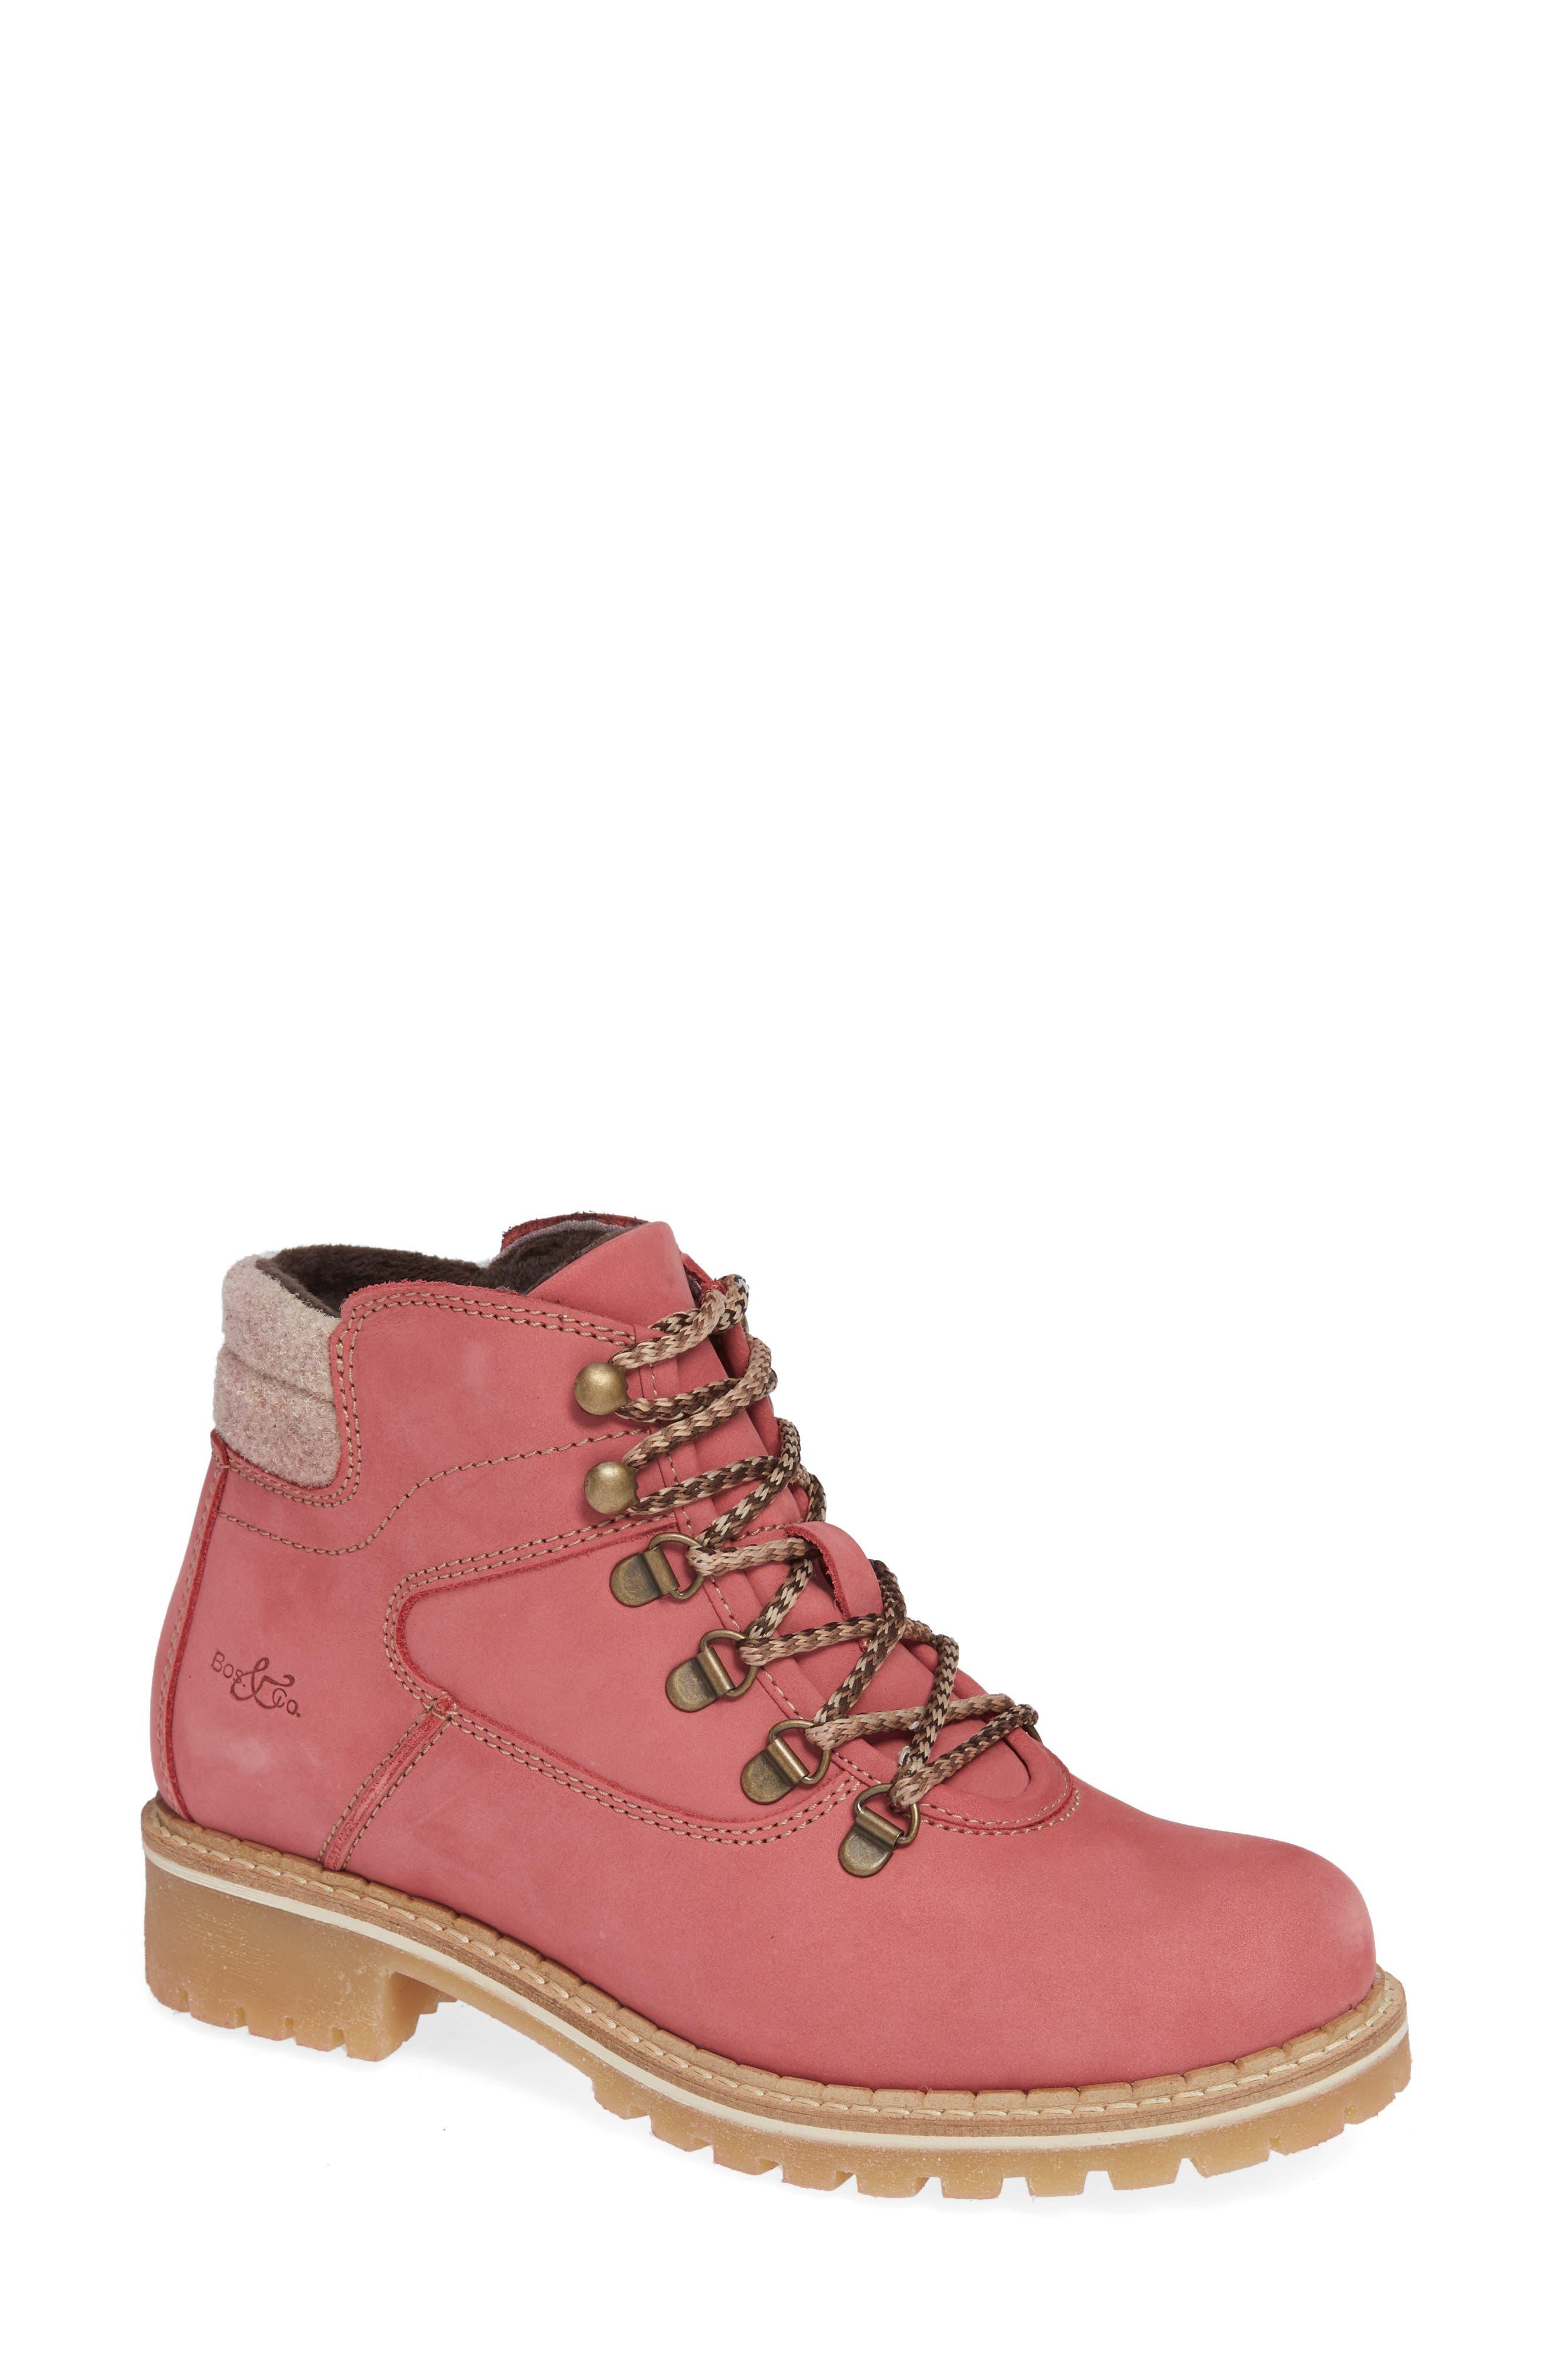 Bos. & Co. Hartney Waterproof Boot, Pink